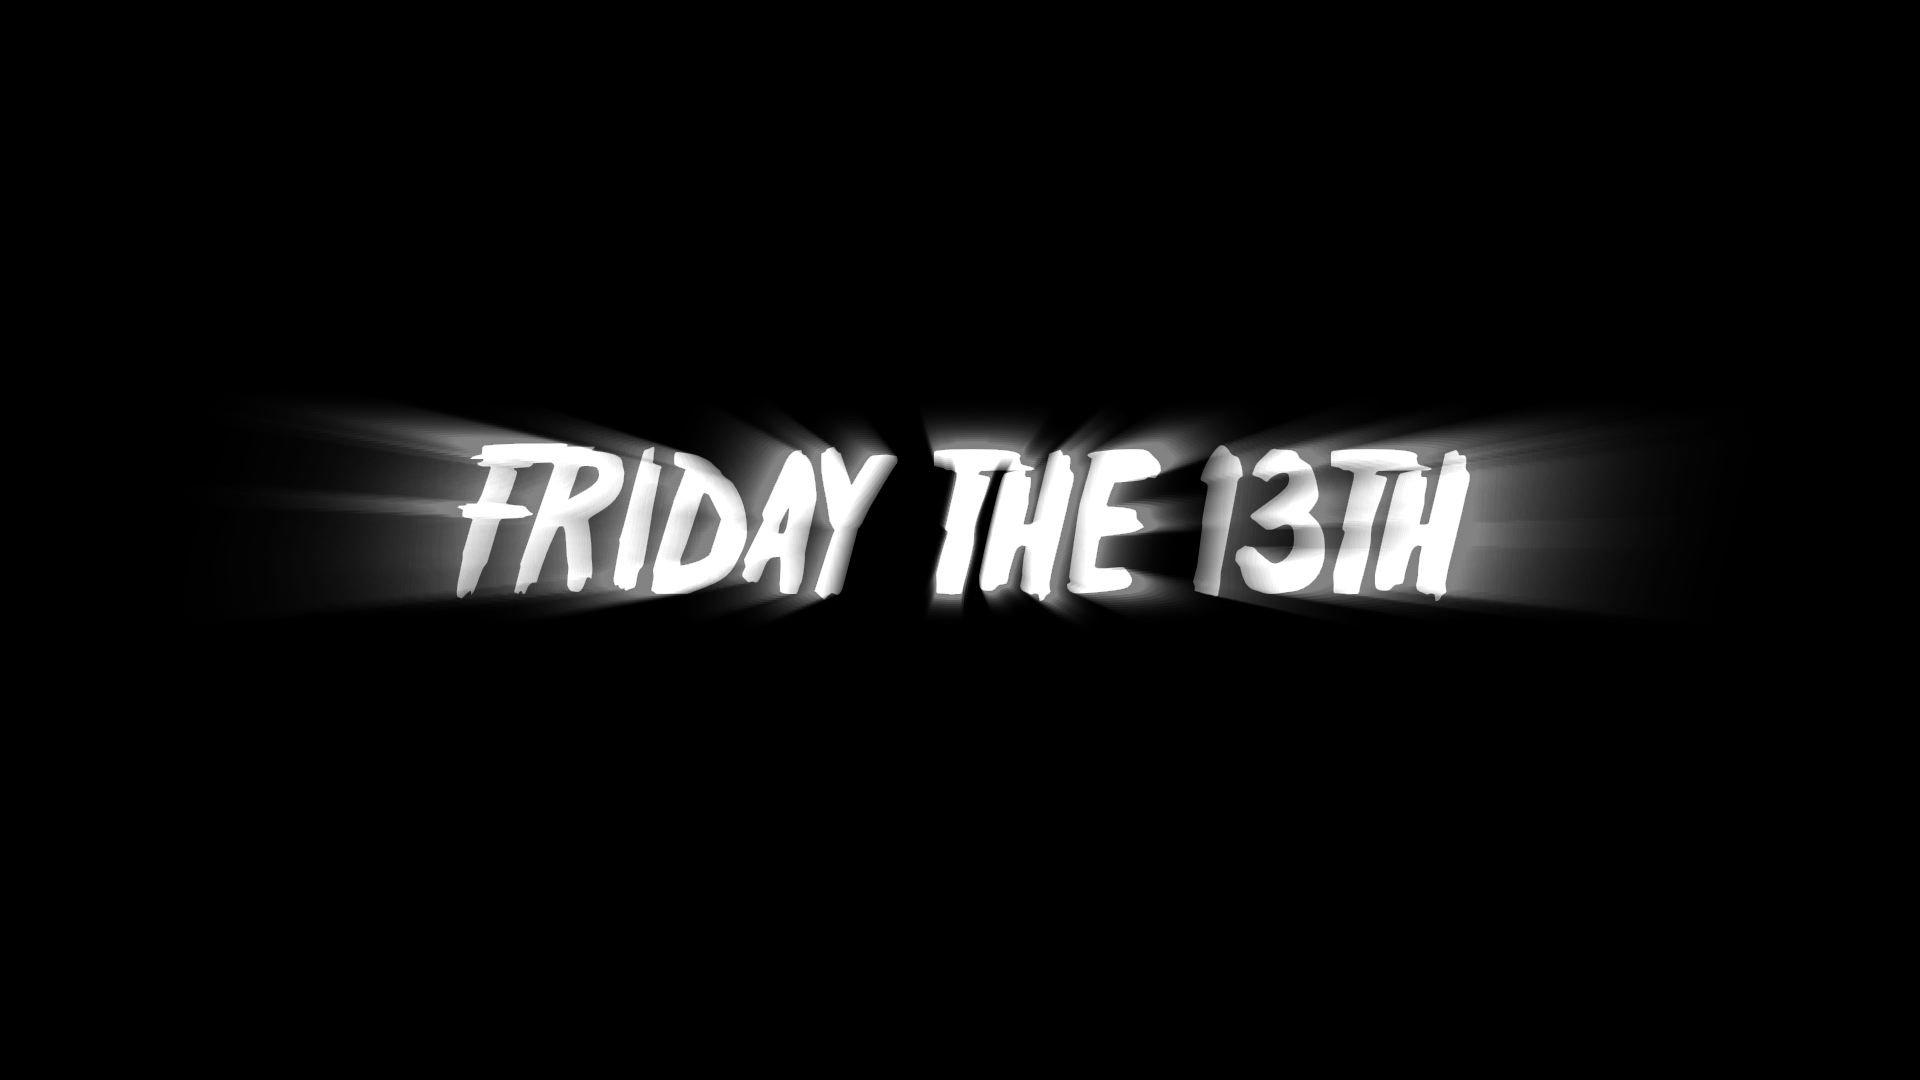 FRIDAY 13TH dark horror violence killer jason thriller